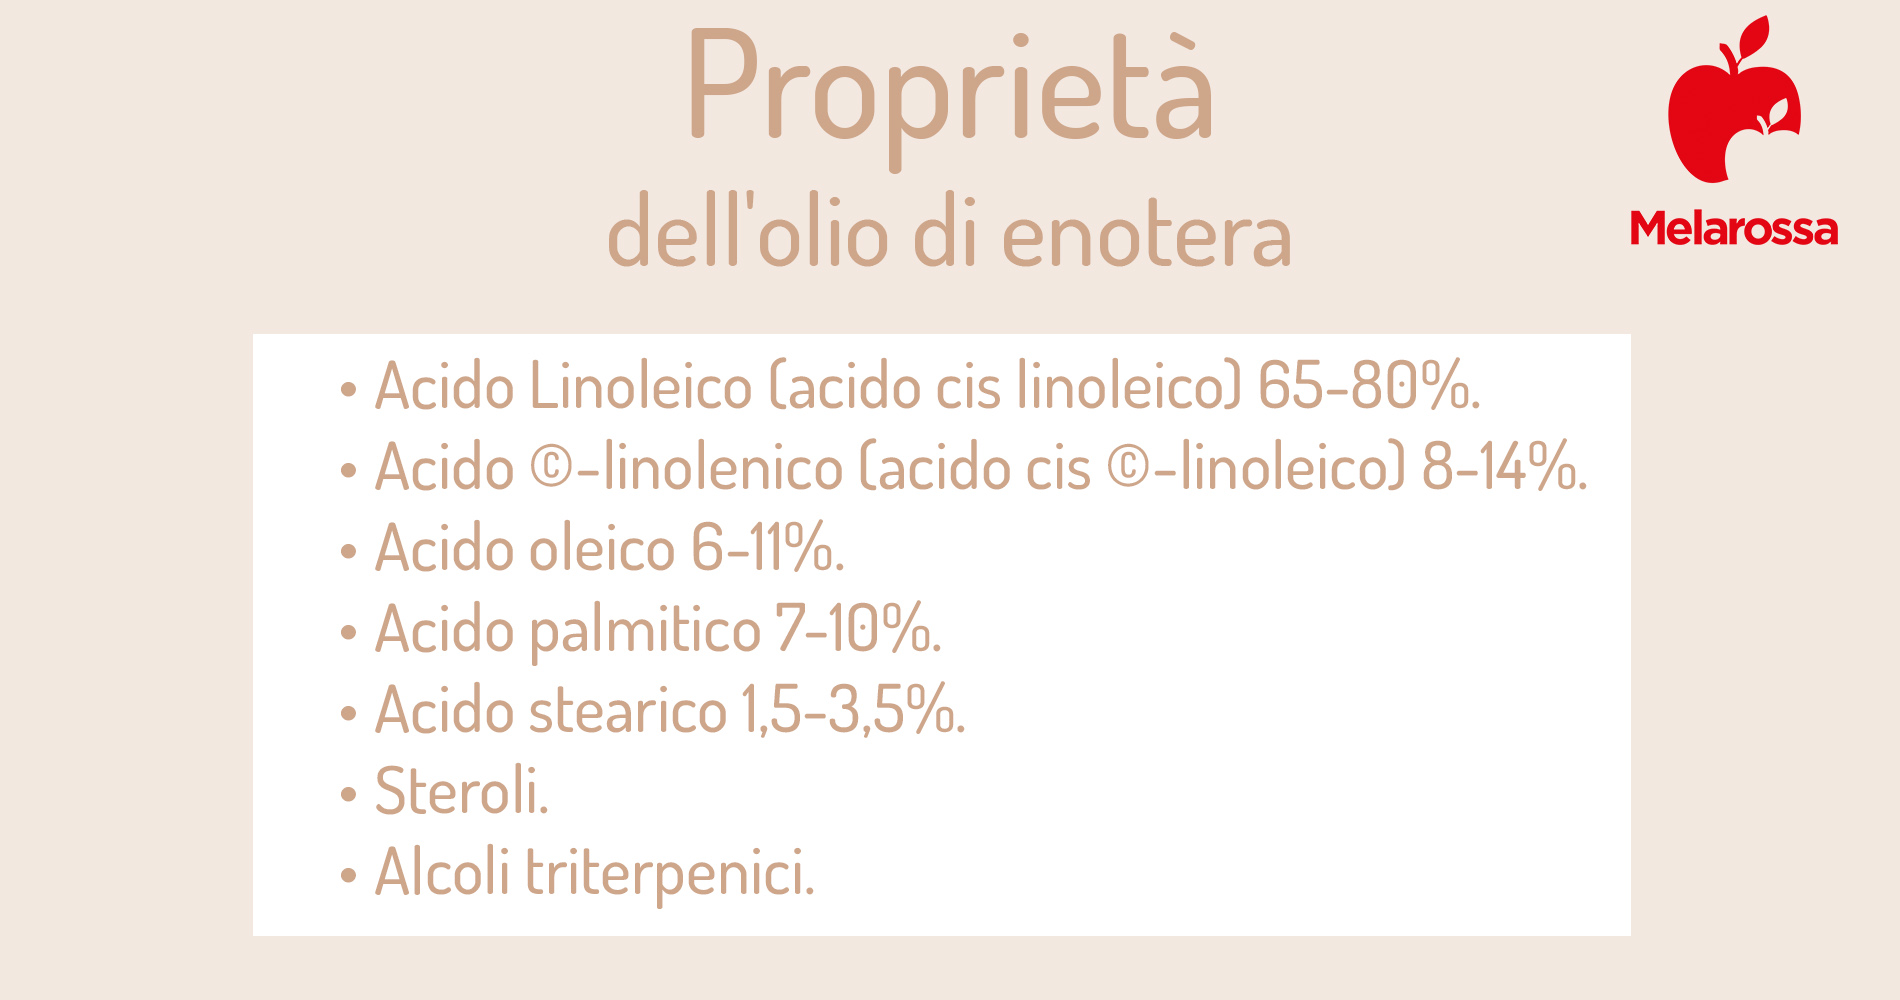 olio di enotera: proprietà